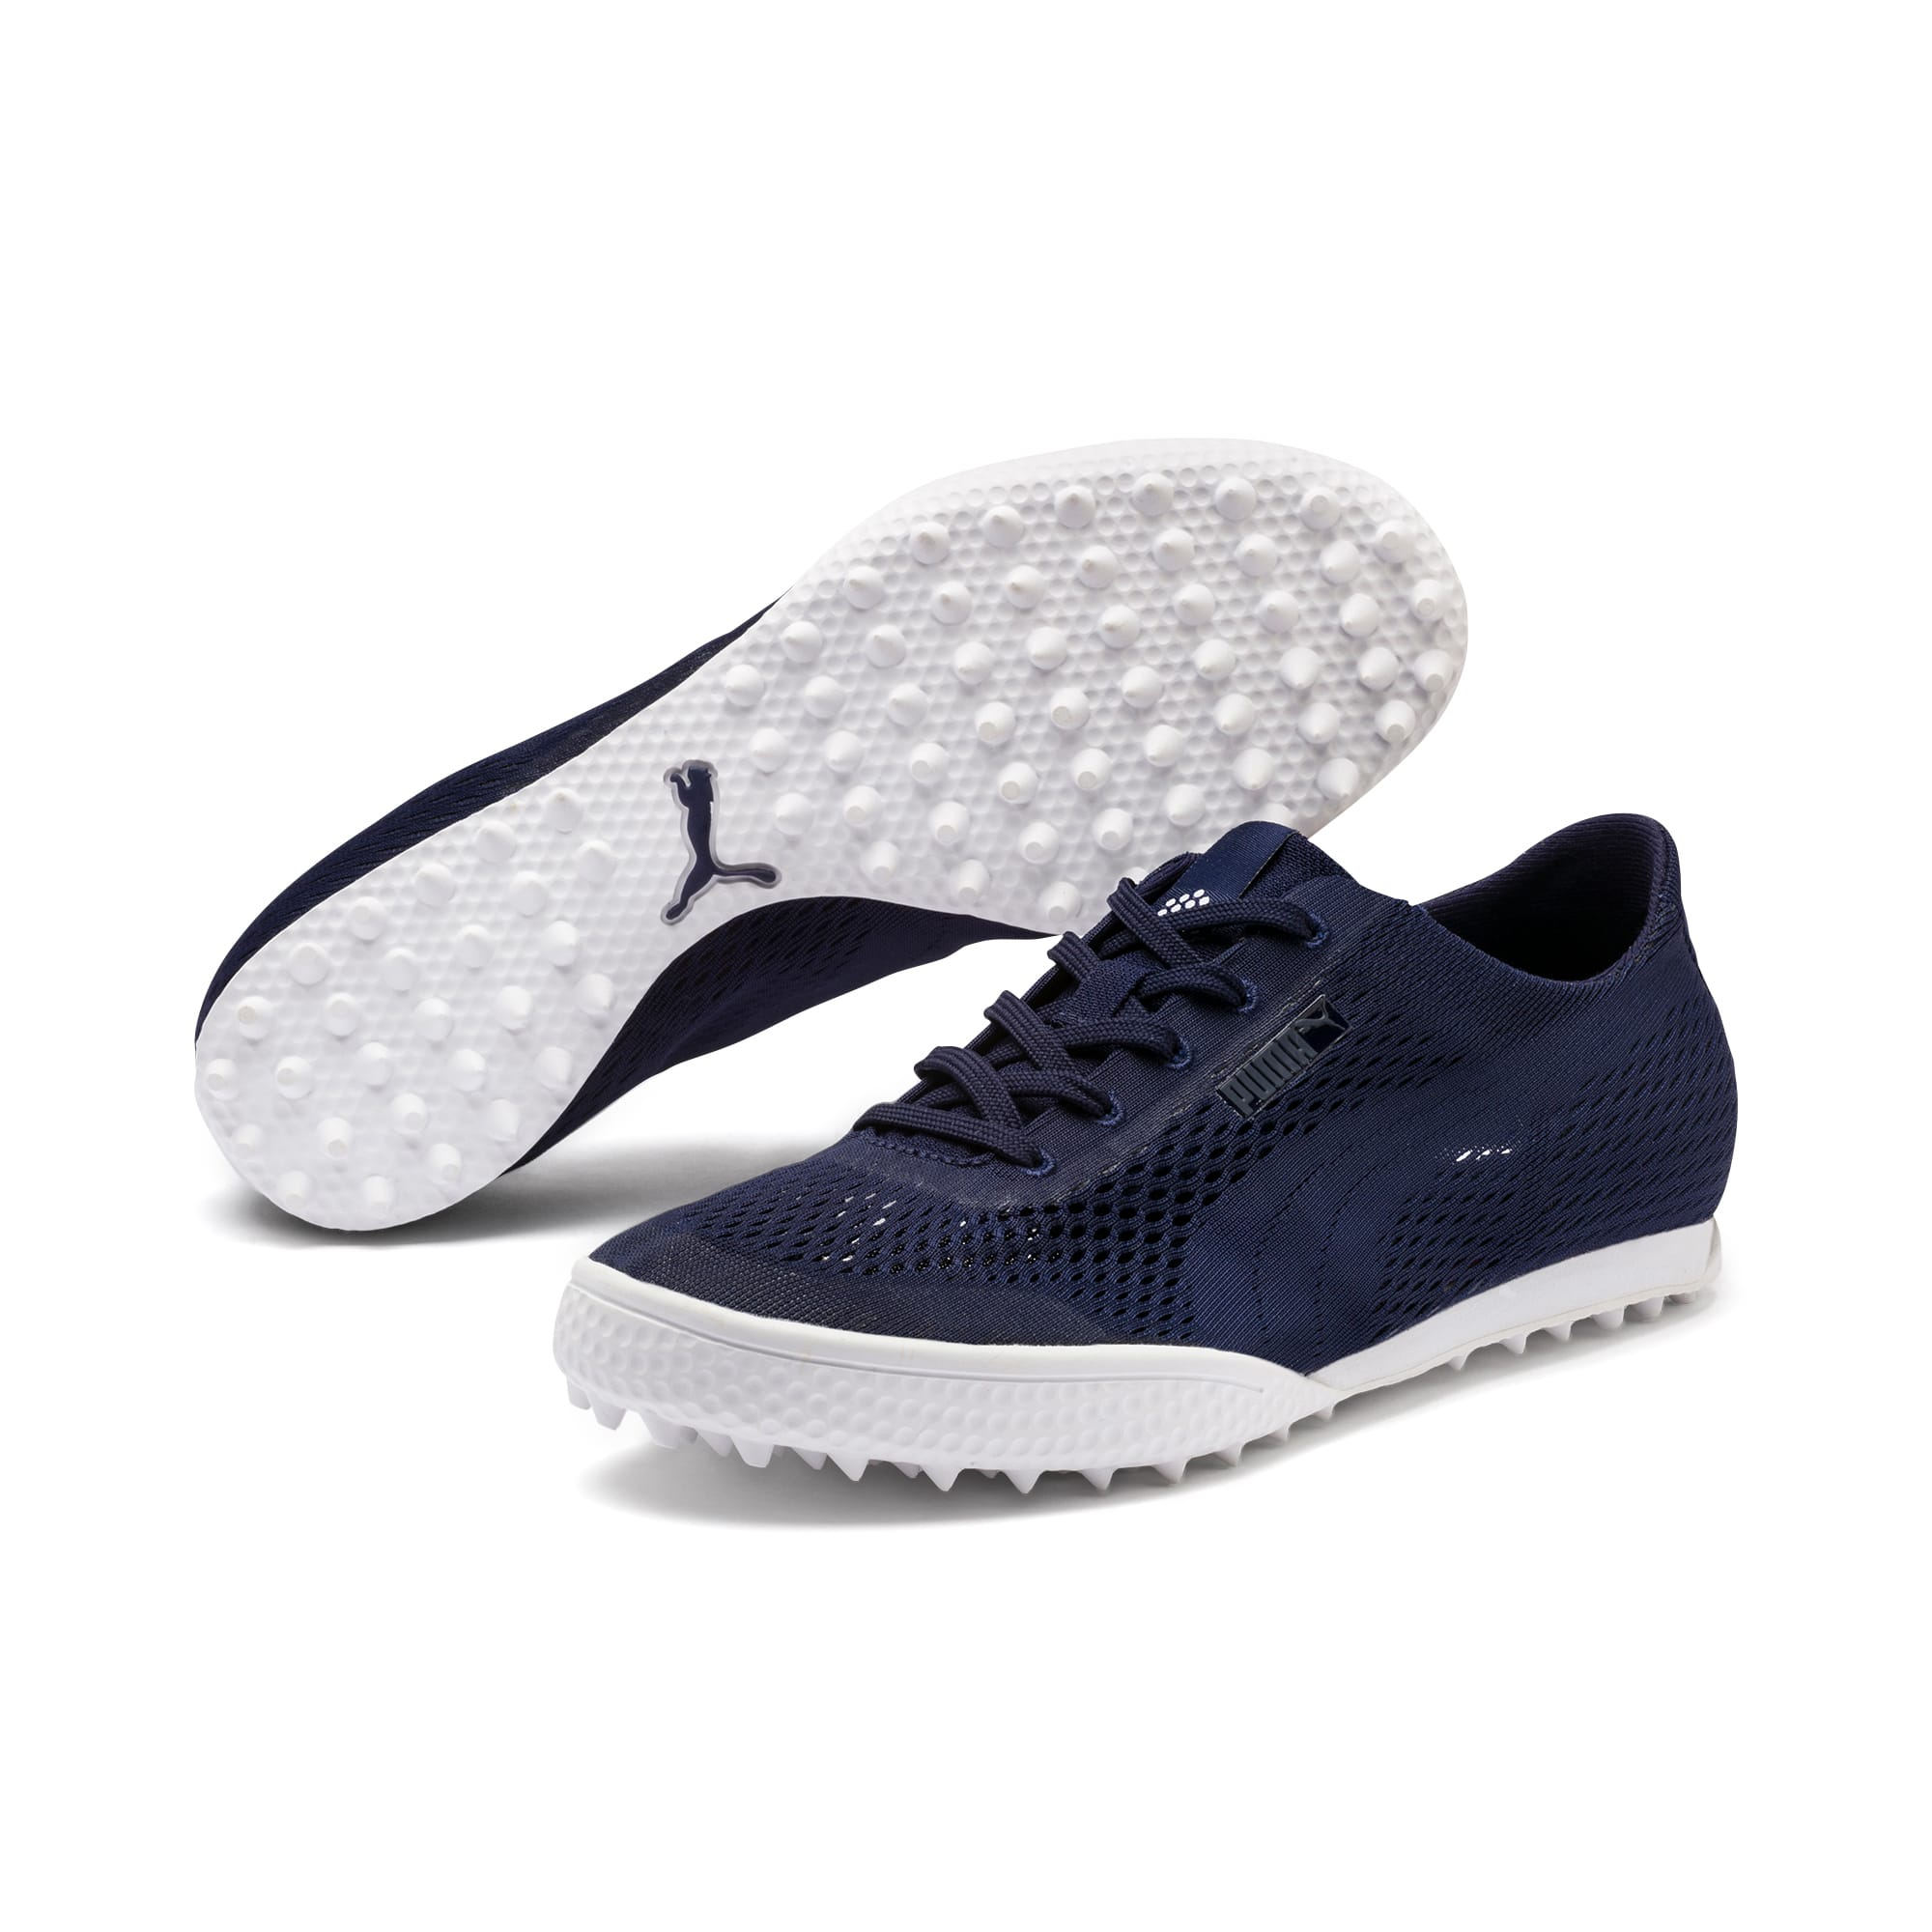 tacos zapatos golf puma